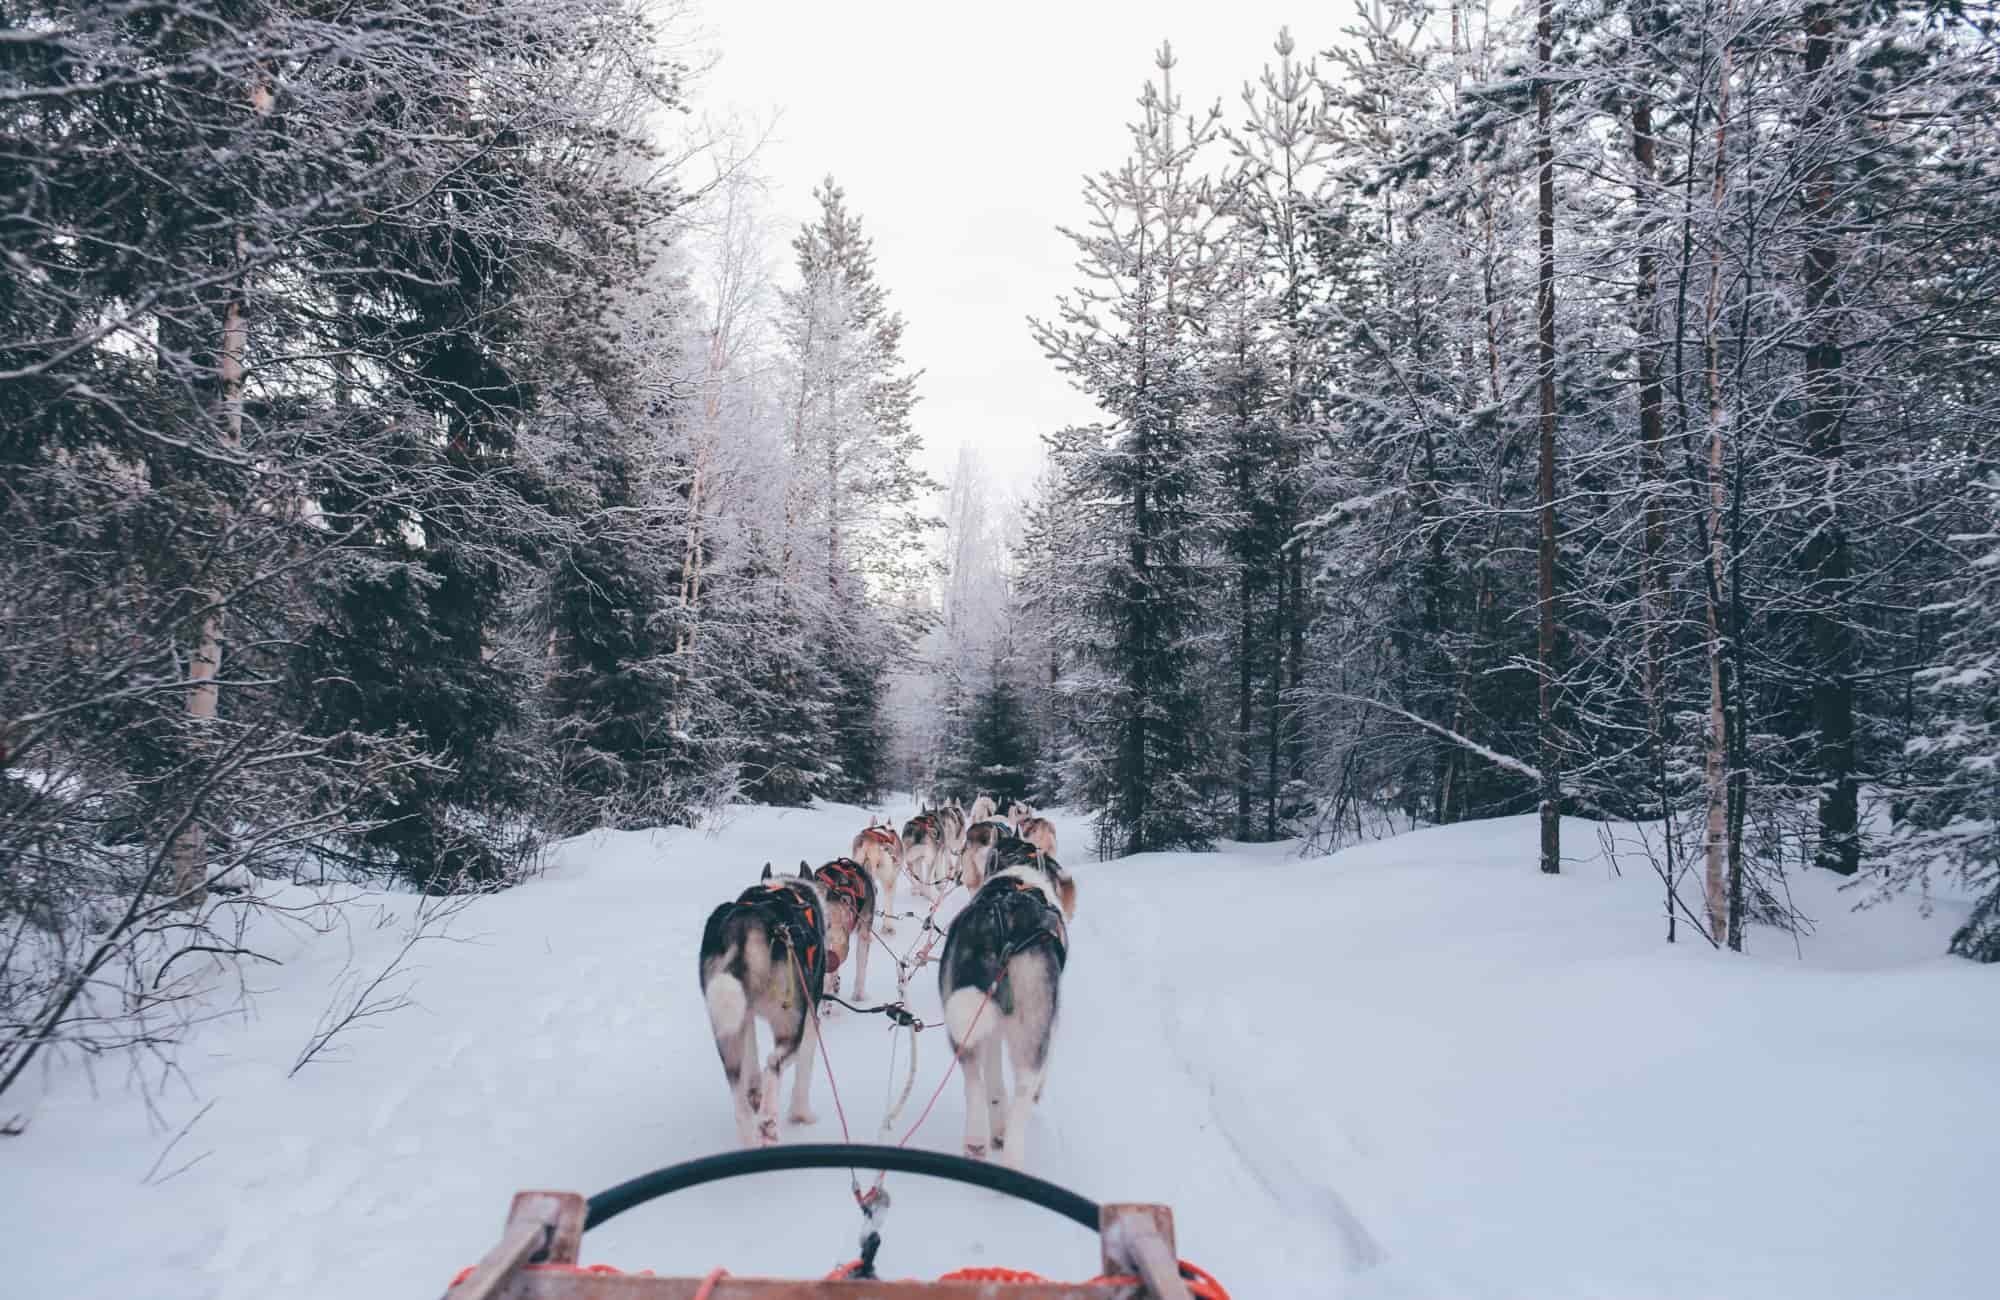 Voyage Laponie - Chiens de traîneau - Amplitudes